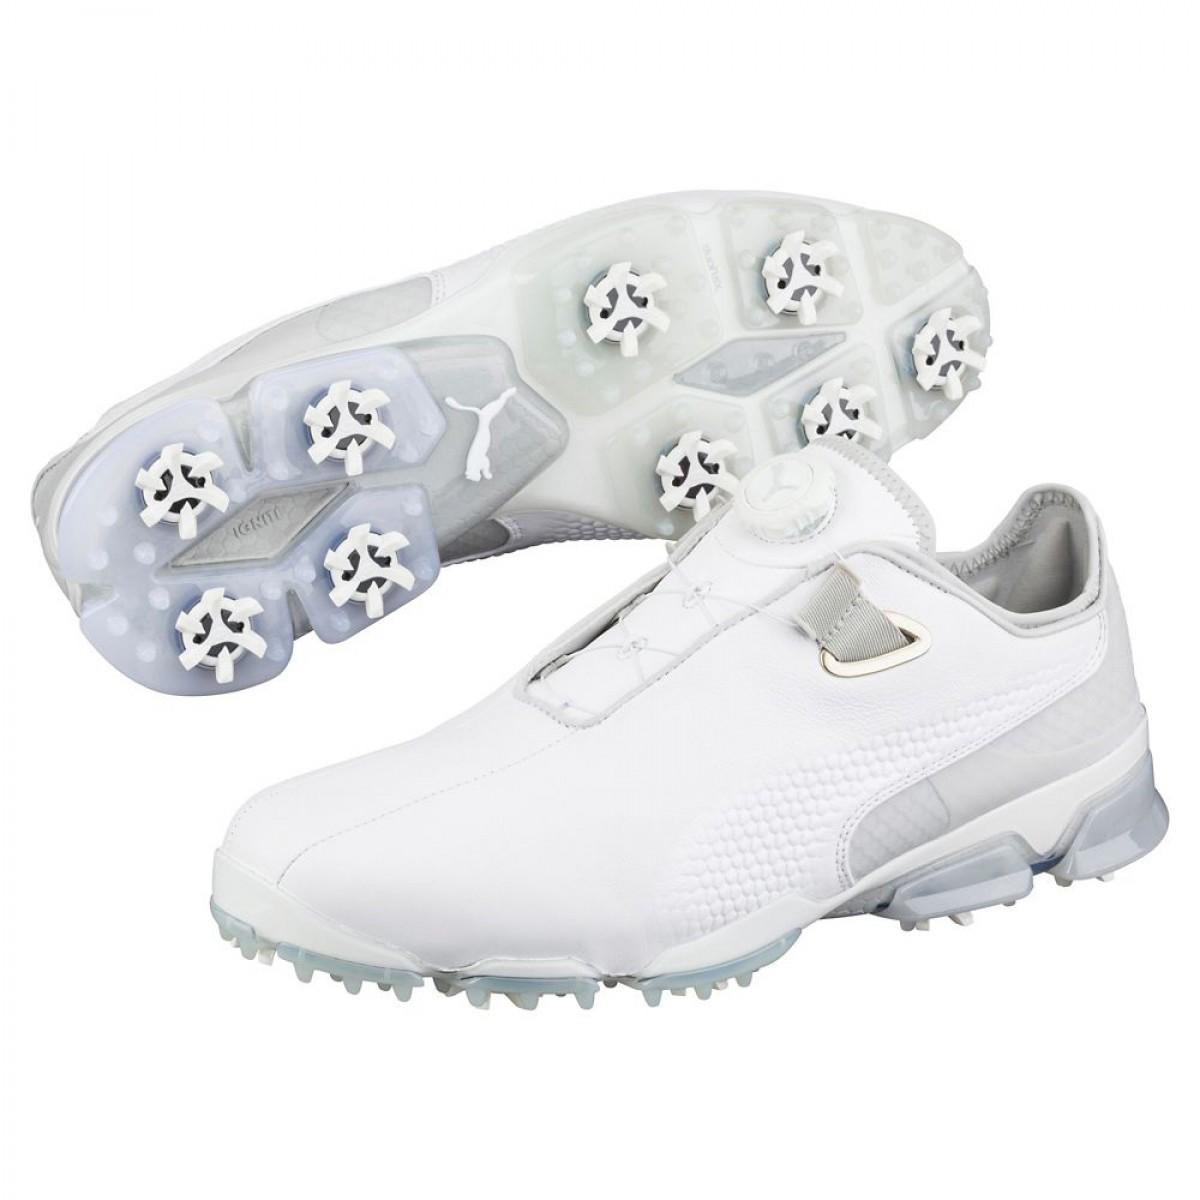 Details about Puma Titantour Ignite Premium Disc Golf Shoes 189412 Pick Color & Size